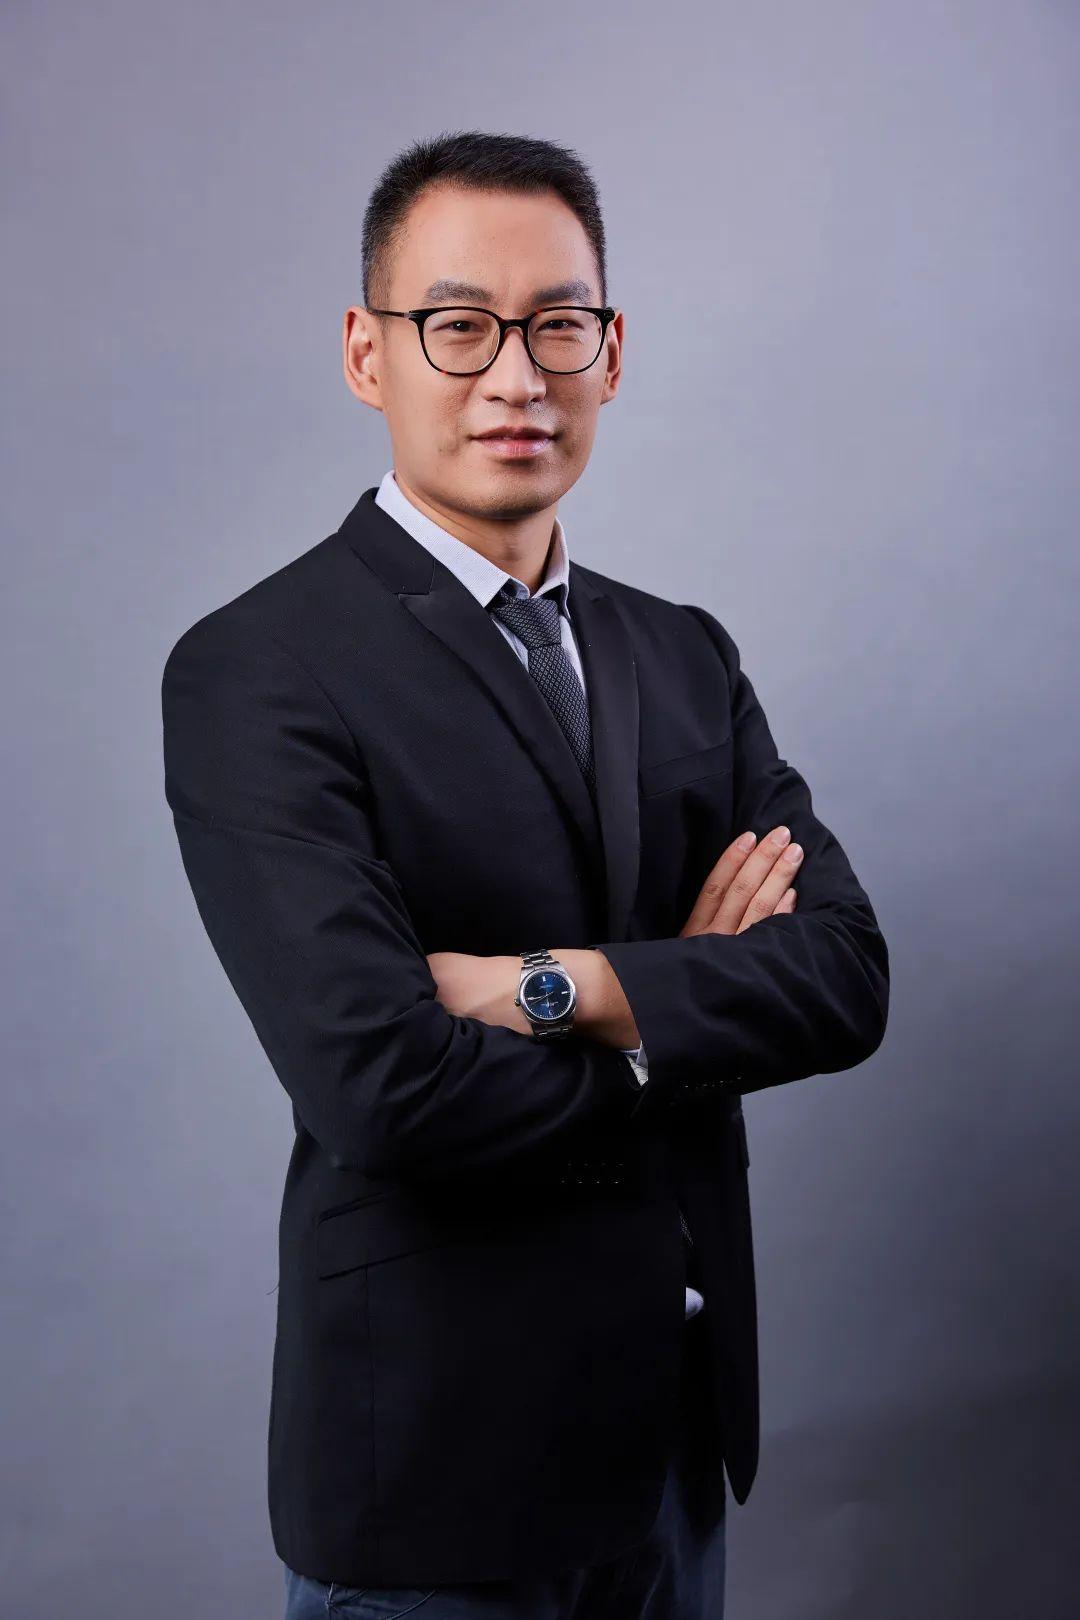 「全球股市指数」大成基金刘旭:深度研究,把握企业长期价值插图